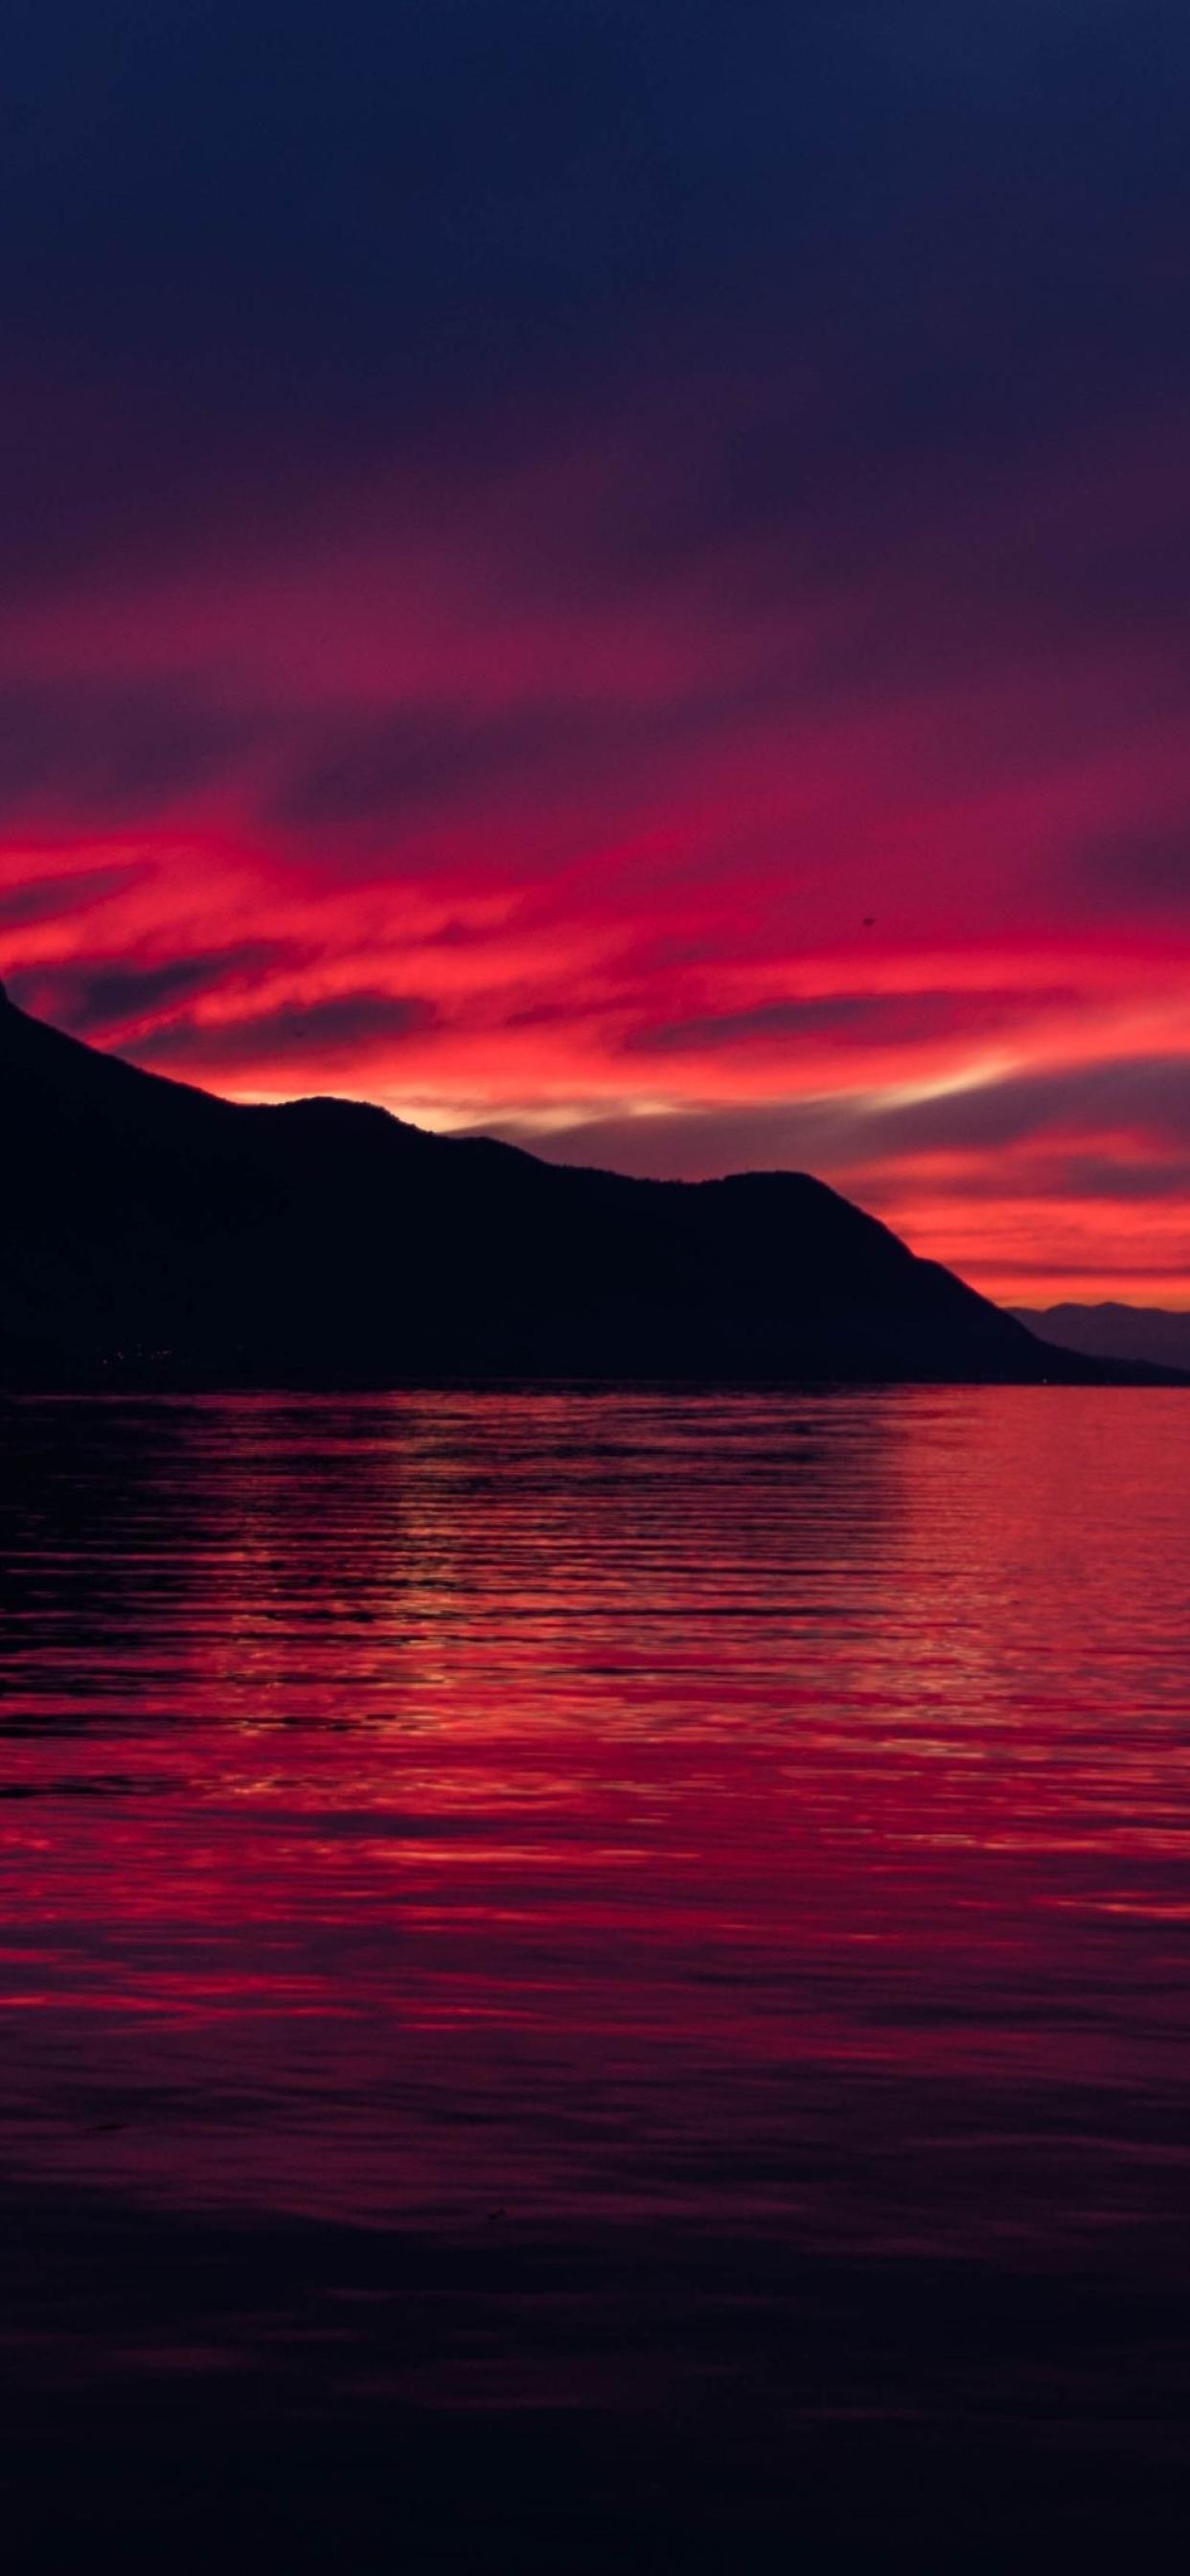 1242x2688 4K Dark Sunset Iphone XS MAX Wallpaper, HD ...